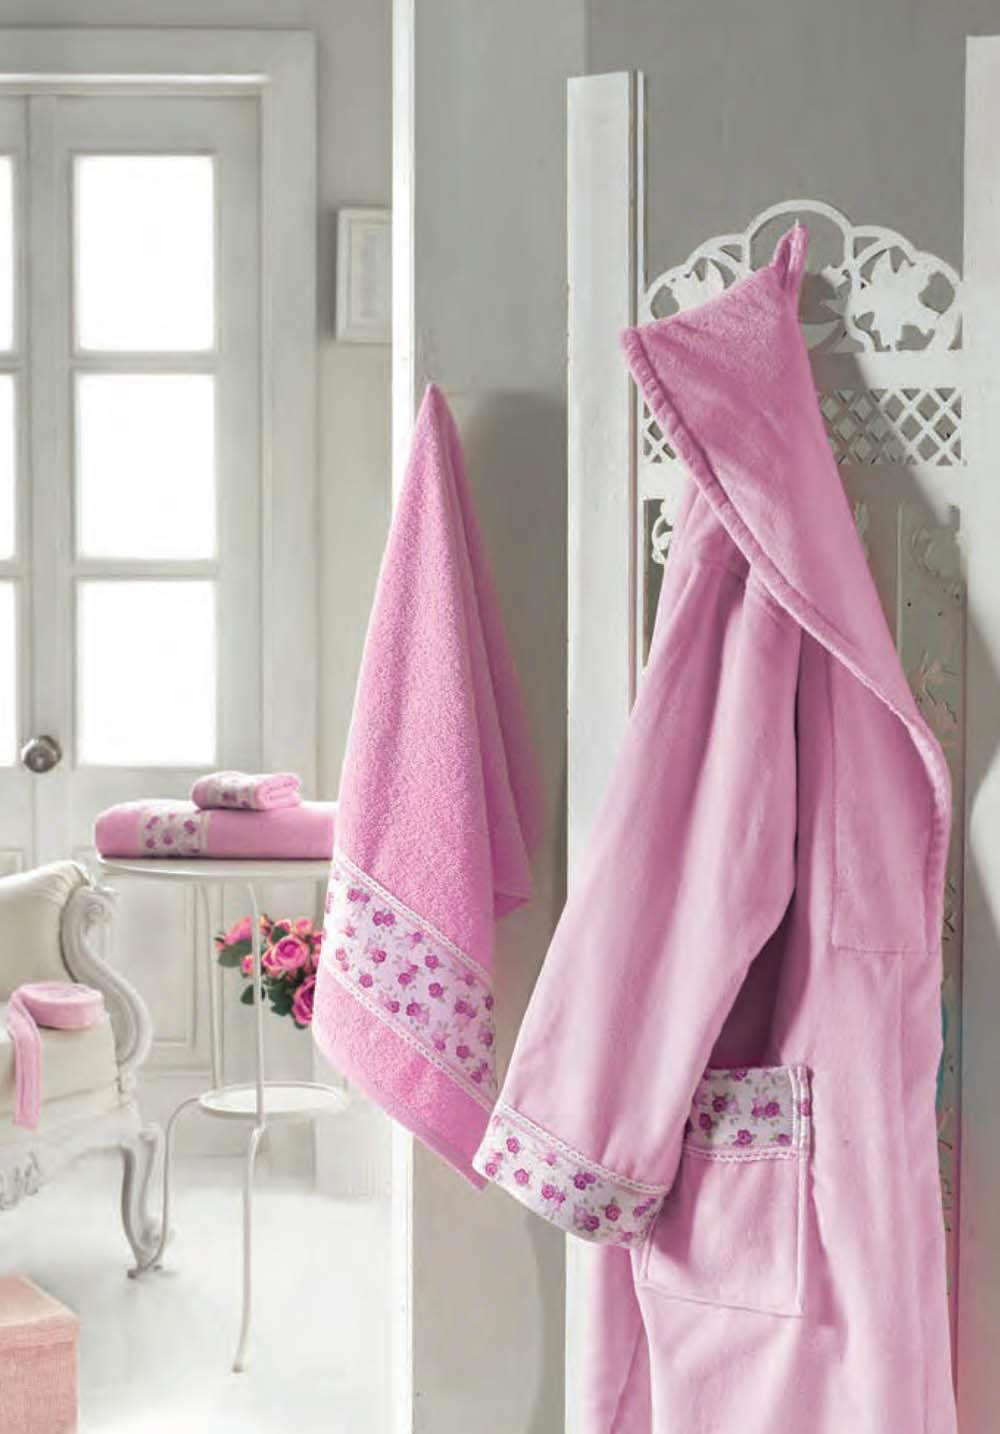 Сауны, бани и оборудование Primavelle Халат Lia Цвет: Розовый (L-xL) сауны бани и оборудование primavelle халат smile цвет персиковый m l